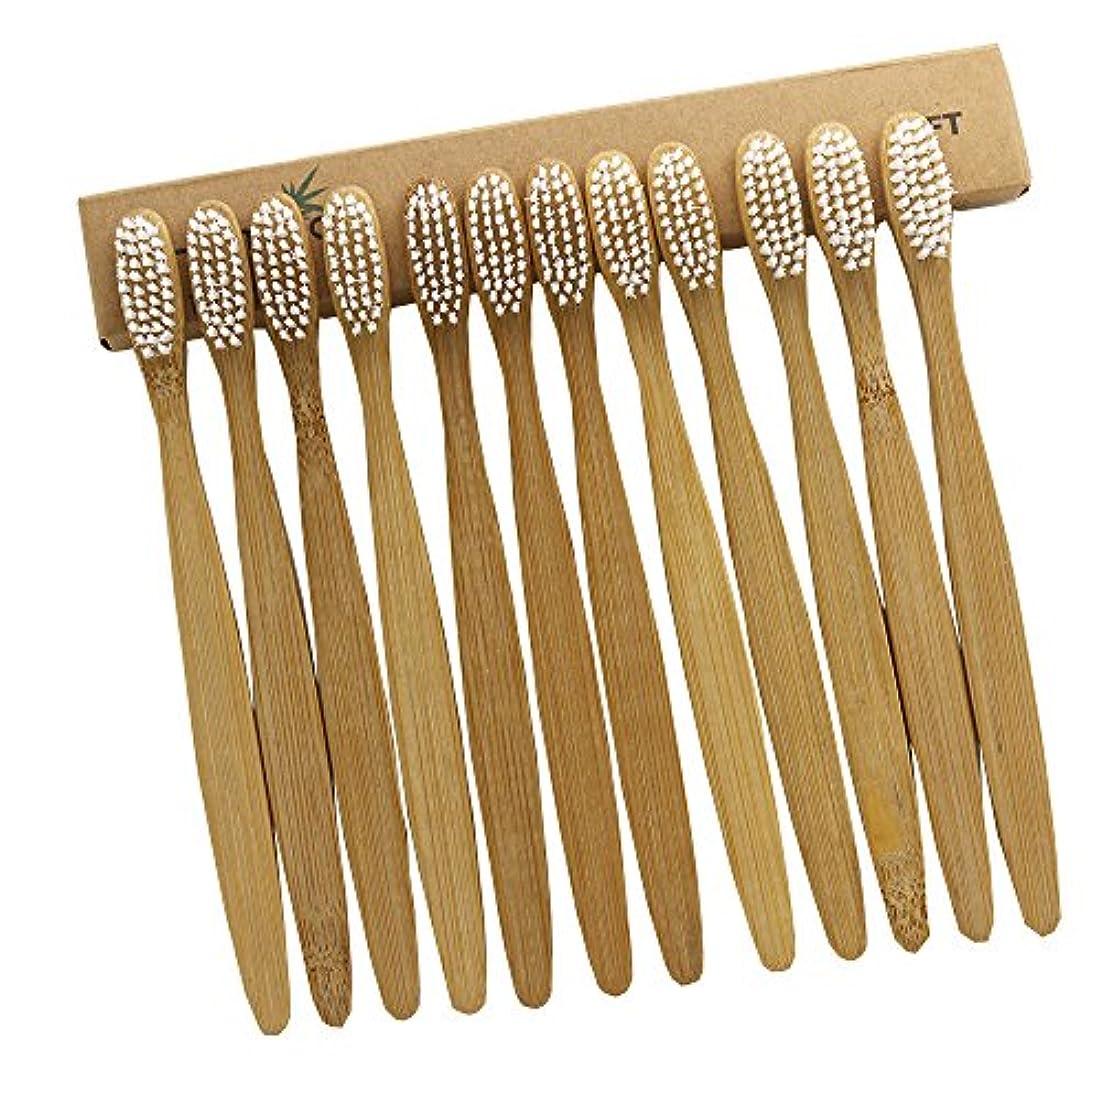 環境に優しい放置インターネットN-amboo 竹製 歯ブラシ 高耐久性 セット エコ 軽量 12本入り セット白